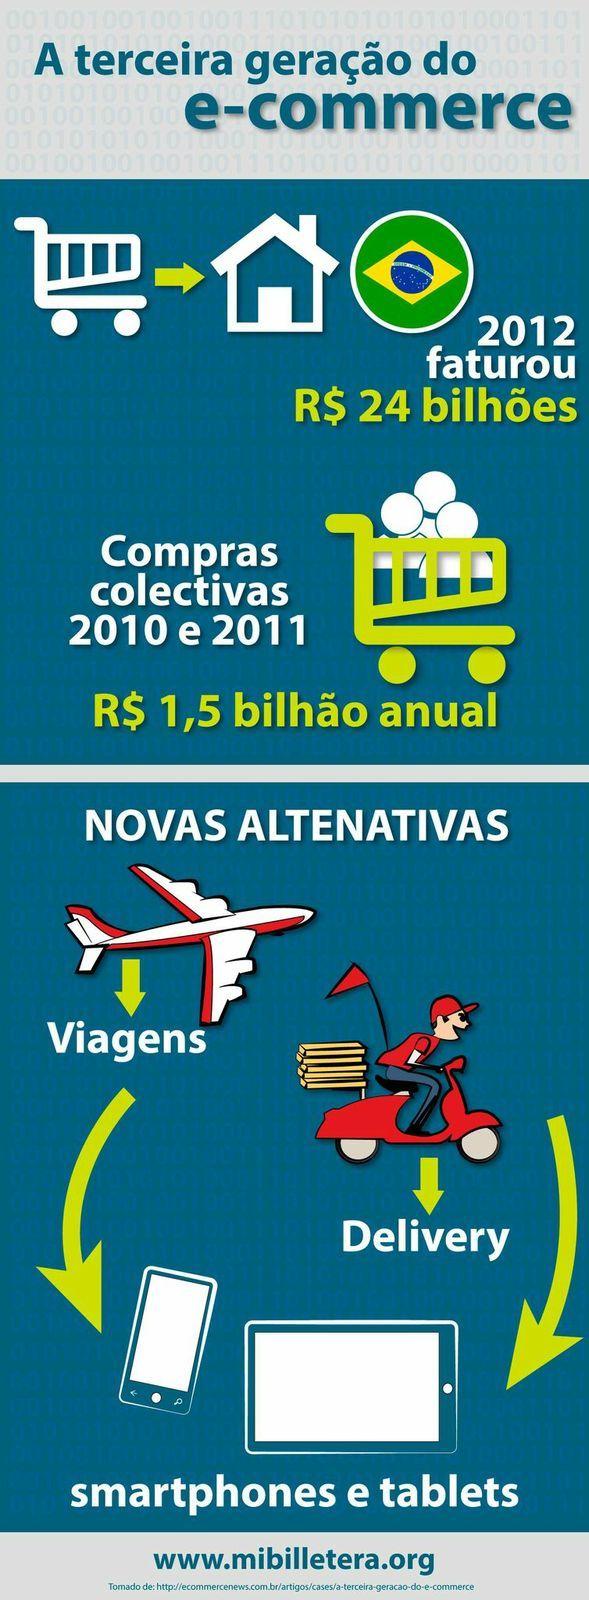 A terceira geração do e-commerce www.mibilletera.org